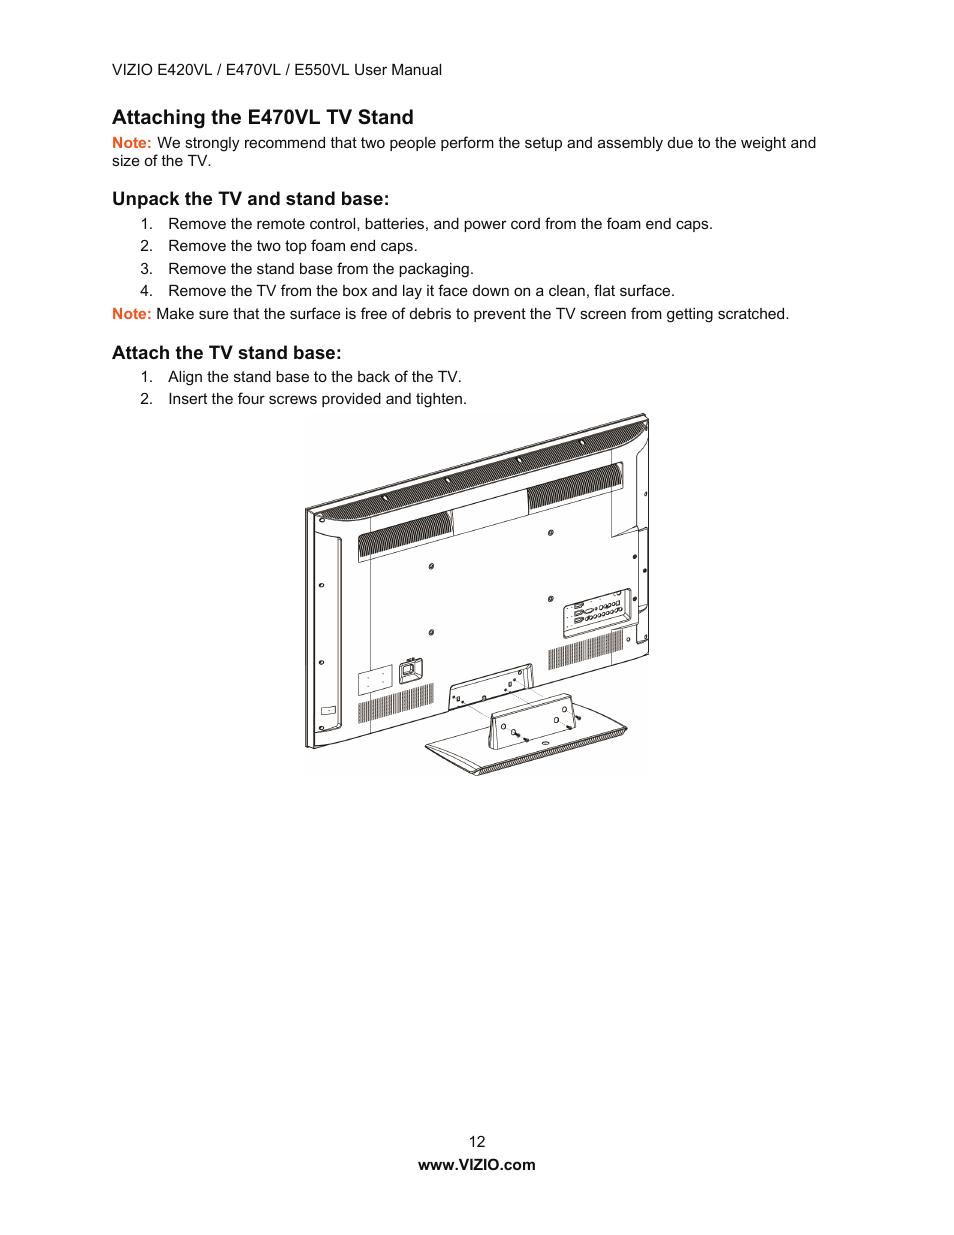 Attaching the e470vl tv stand | Vizio E550VL User Manual | Page 12